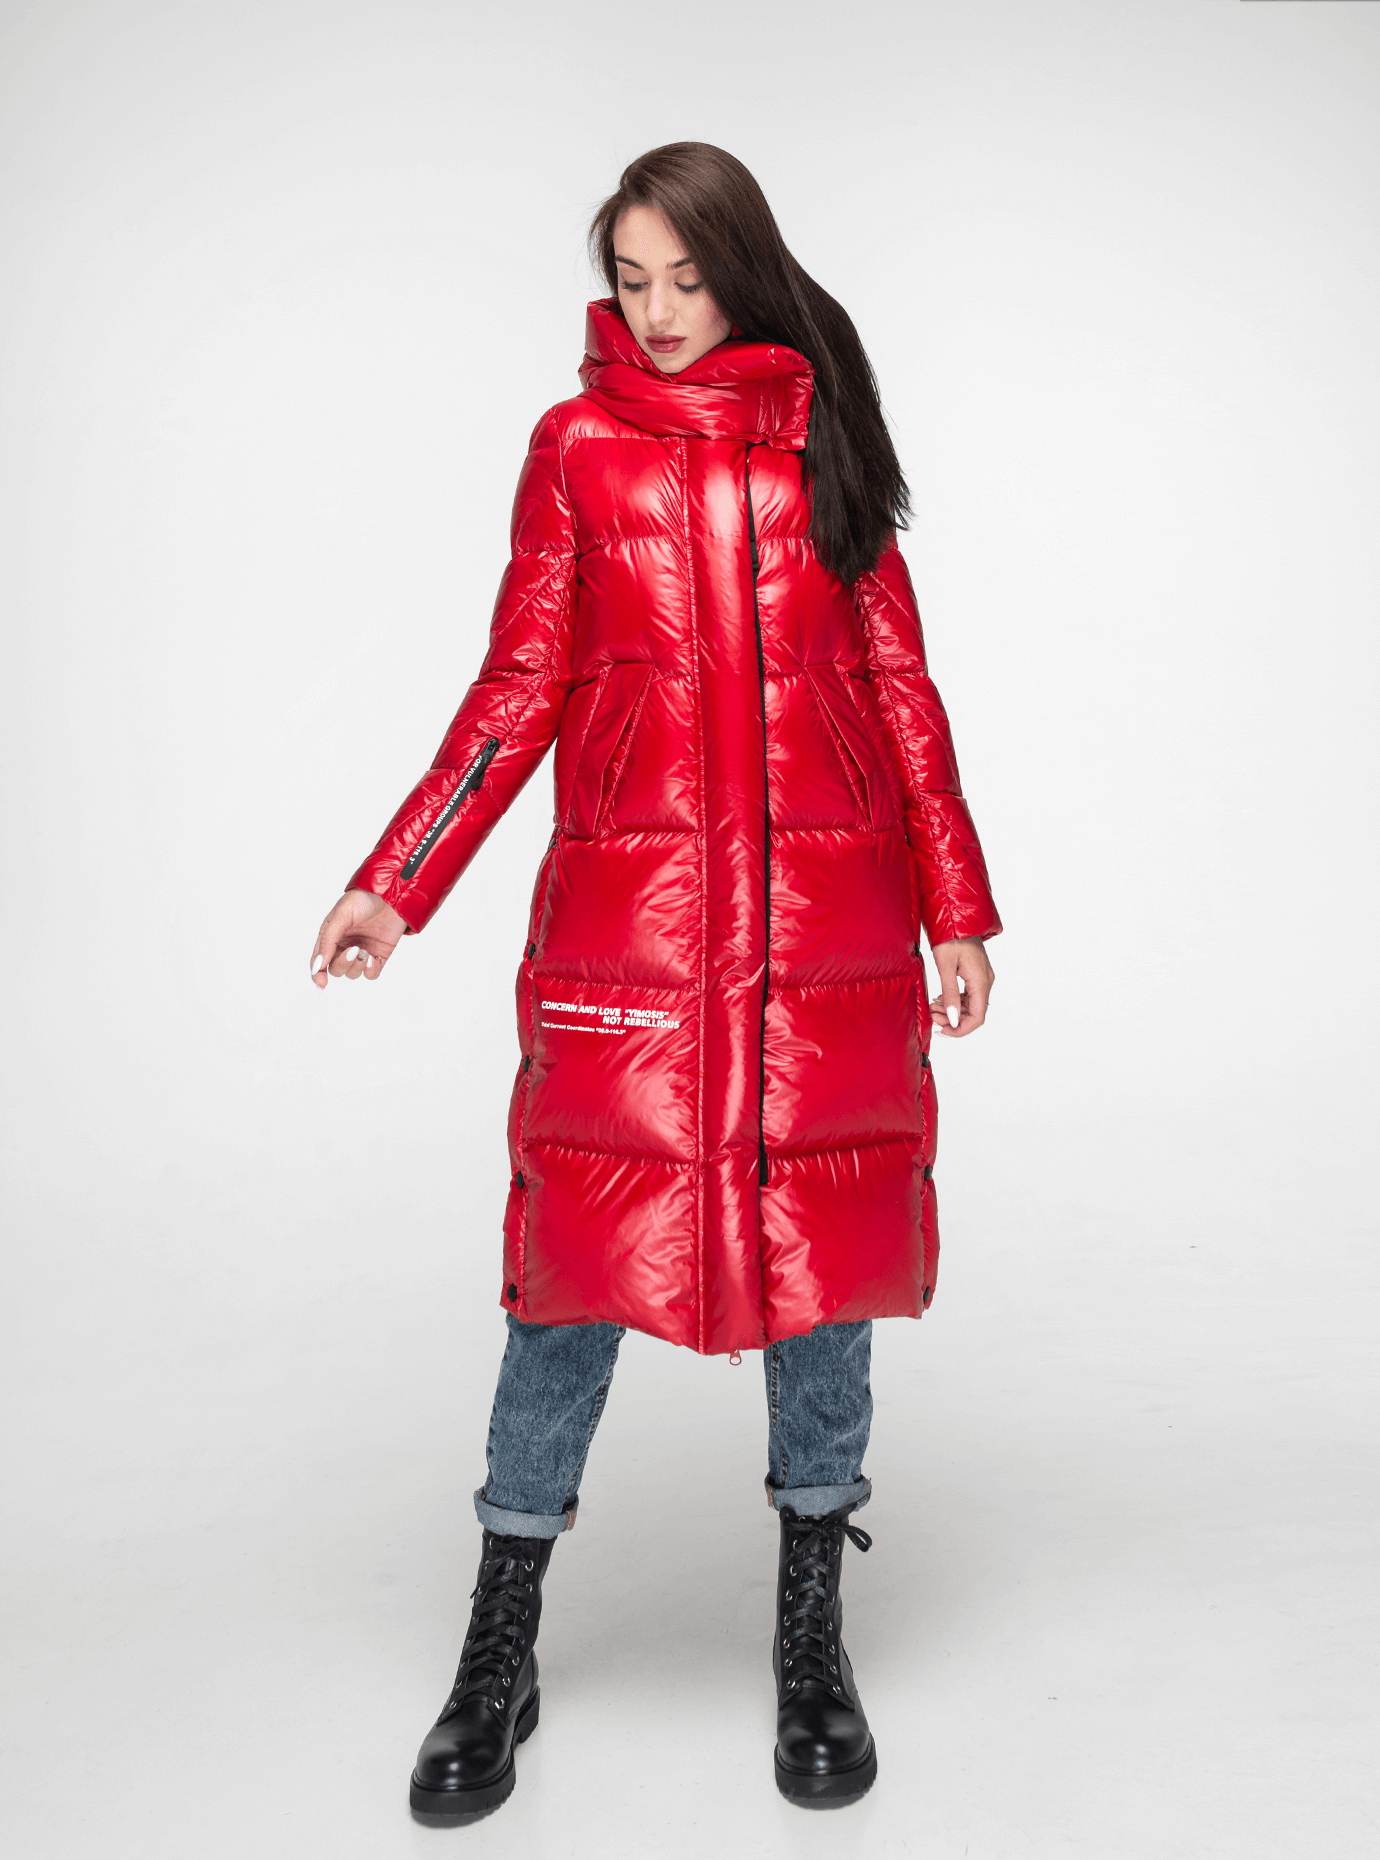 Пуховик женский длинный с разрезами Красный L (02-Y191132): фото - Alster.ua